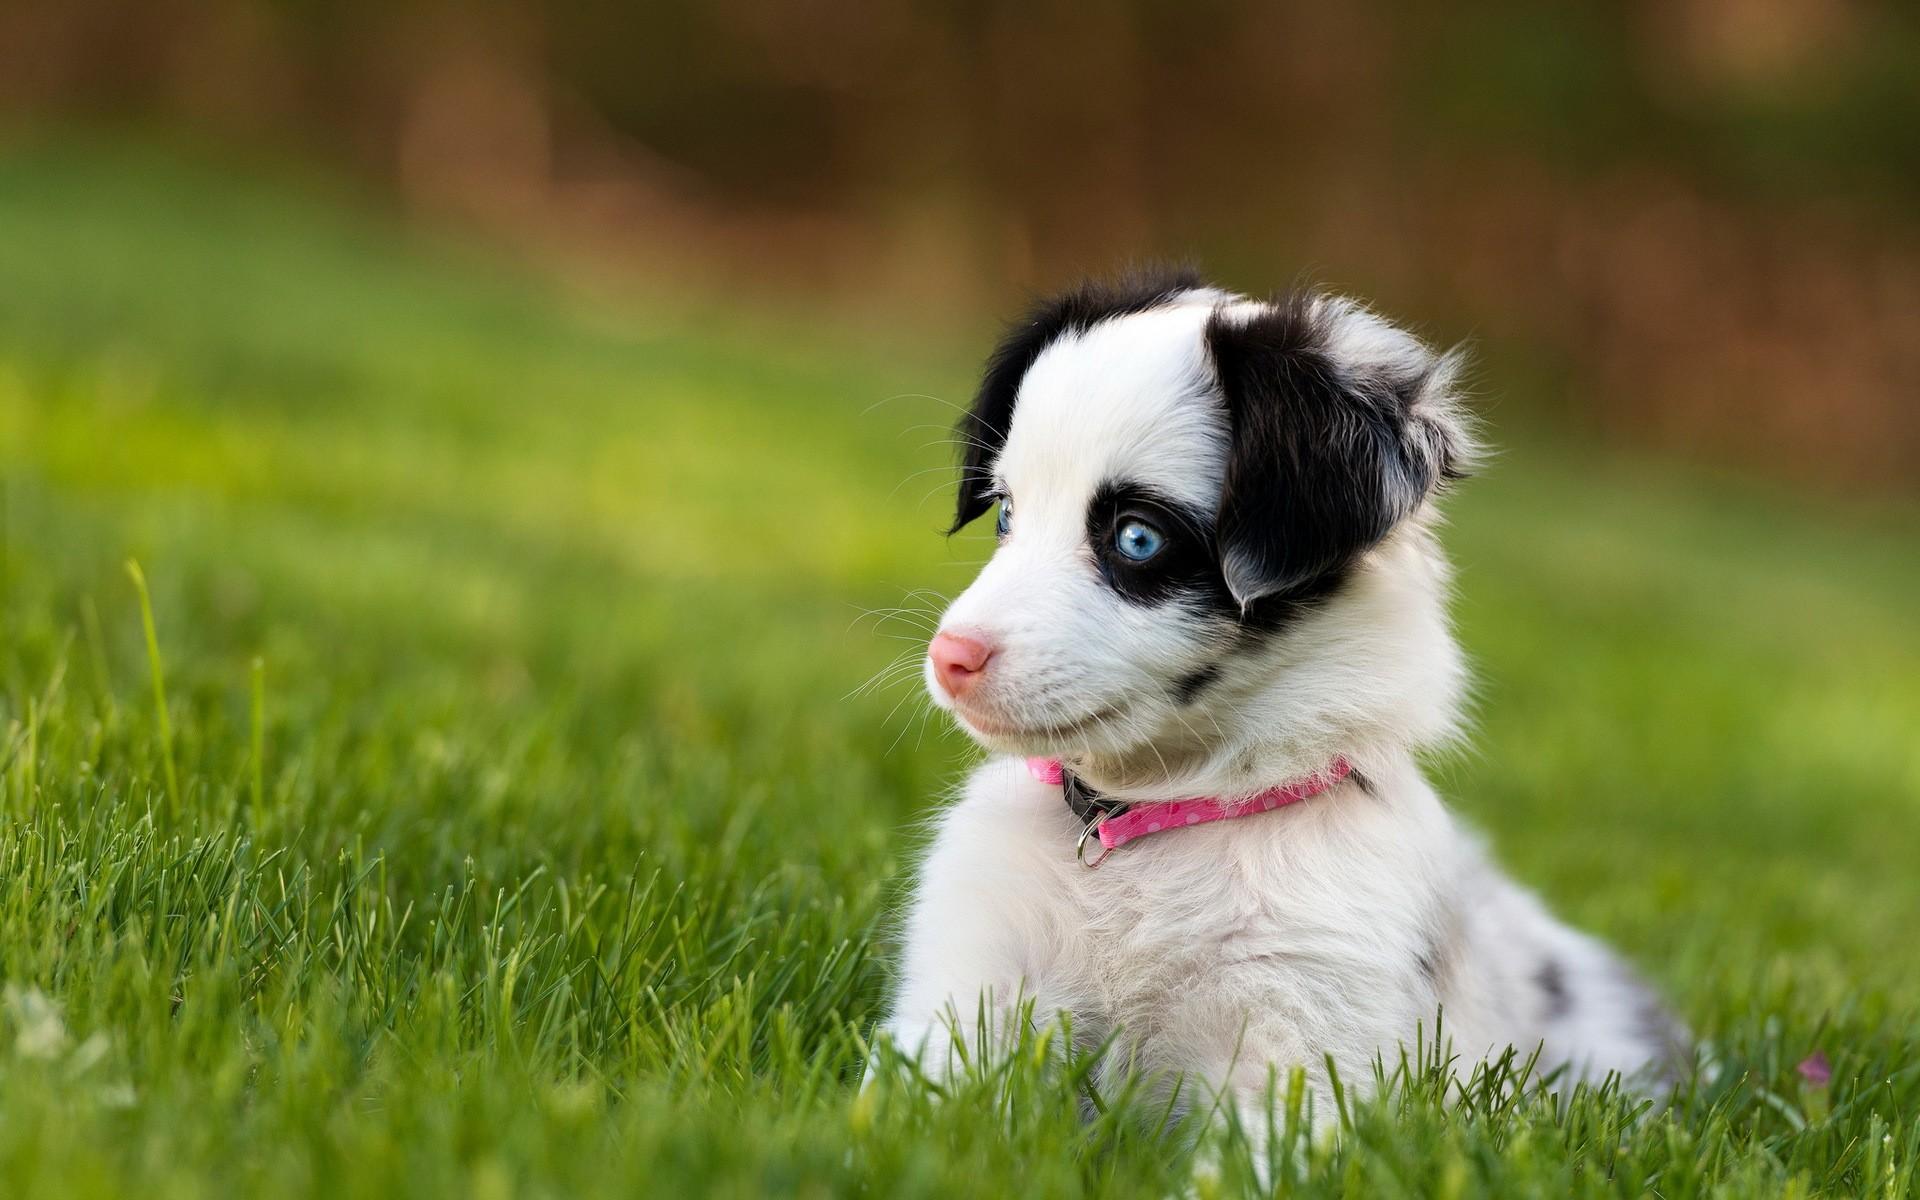 Dog Puppy Grass